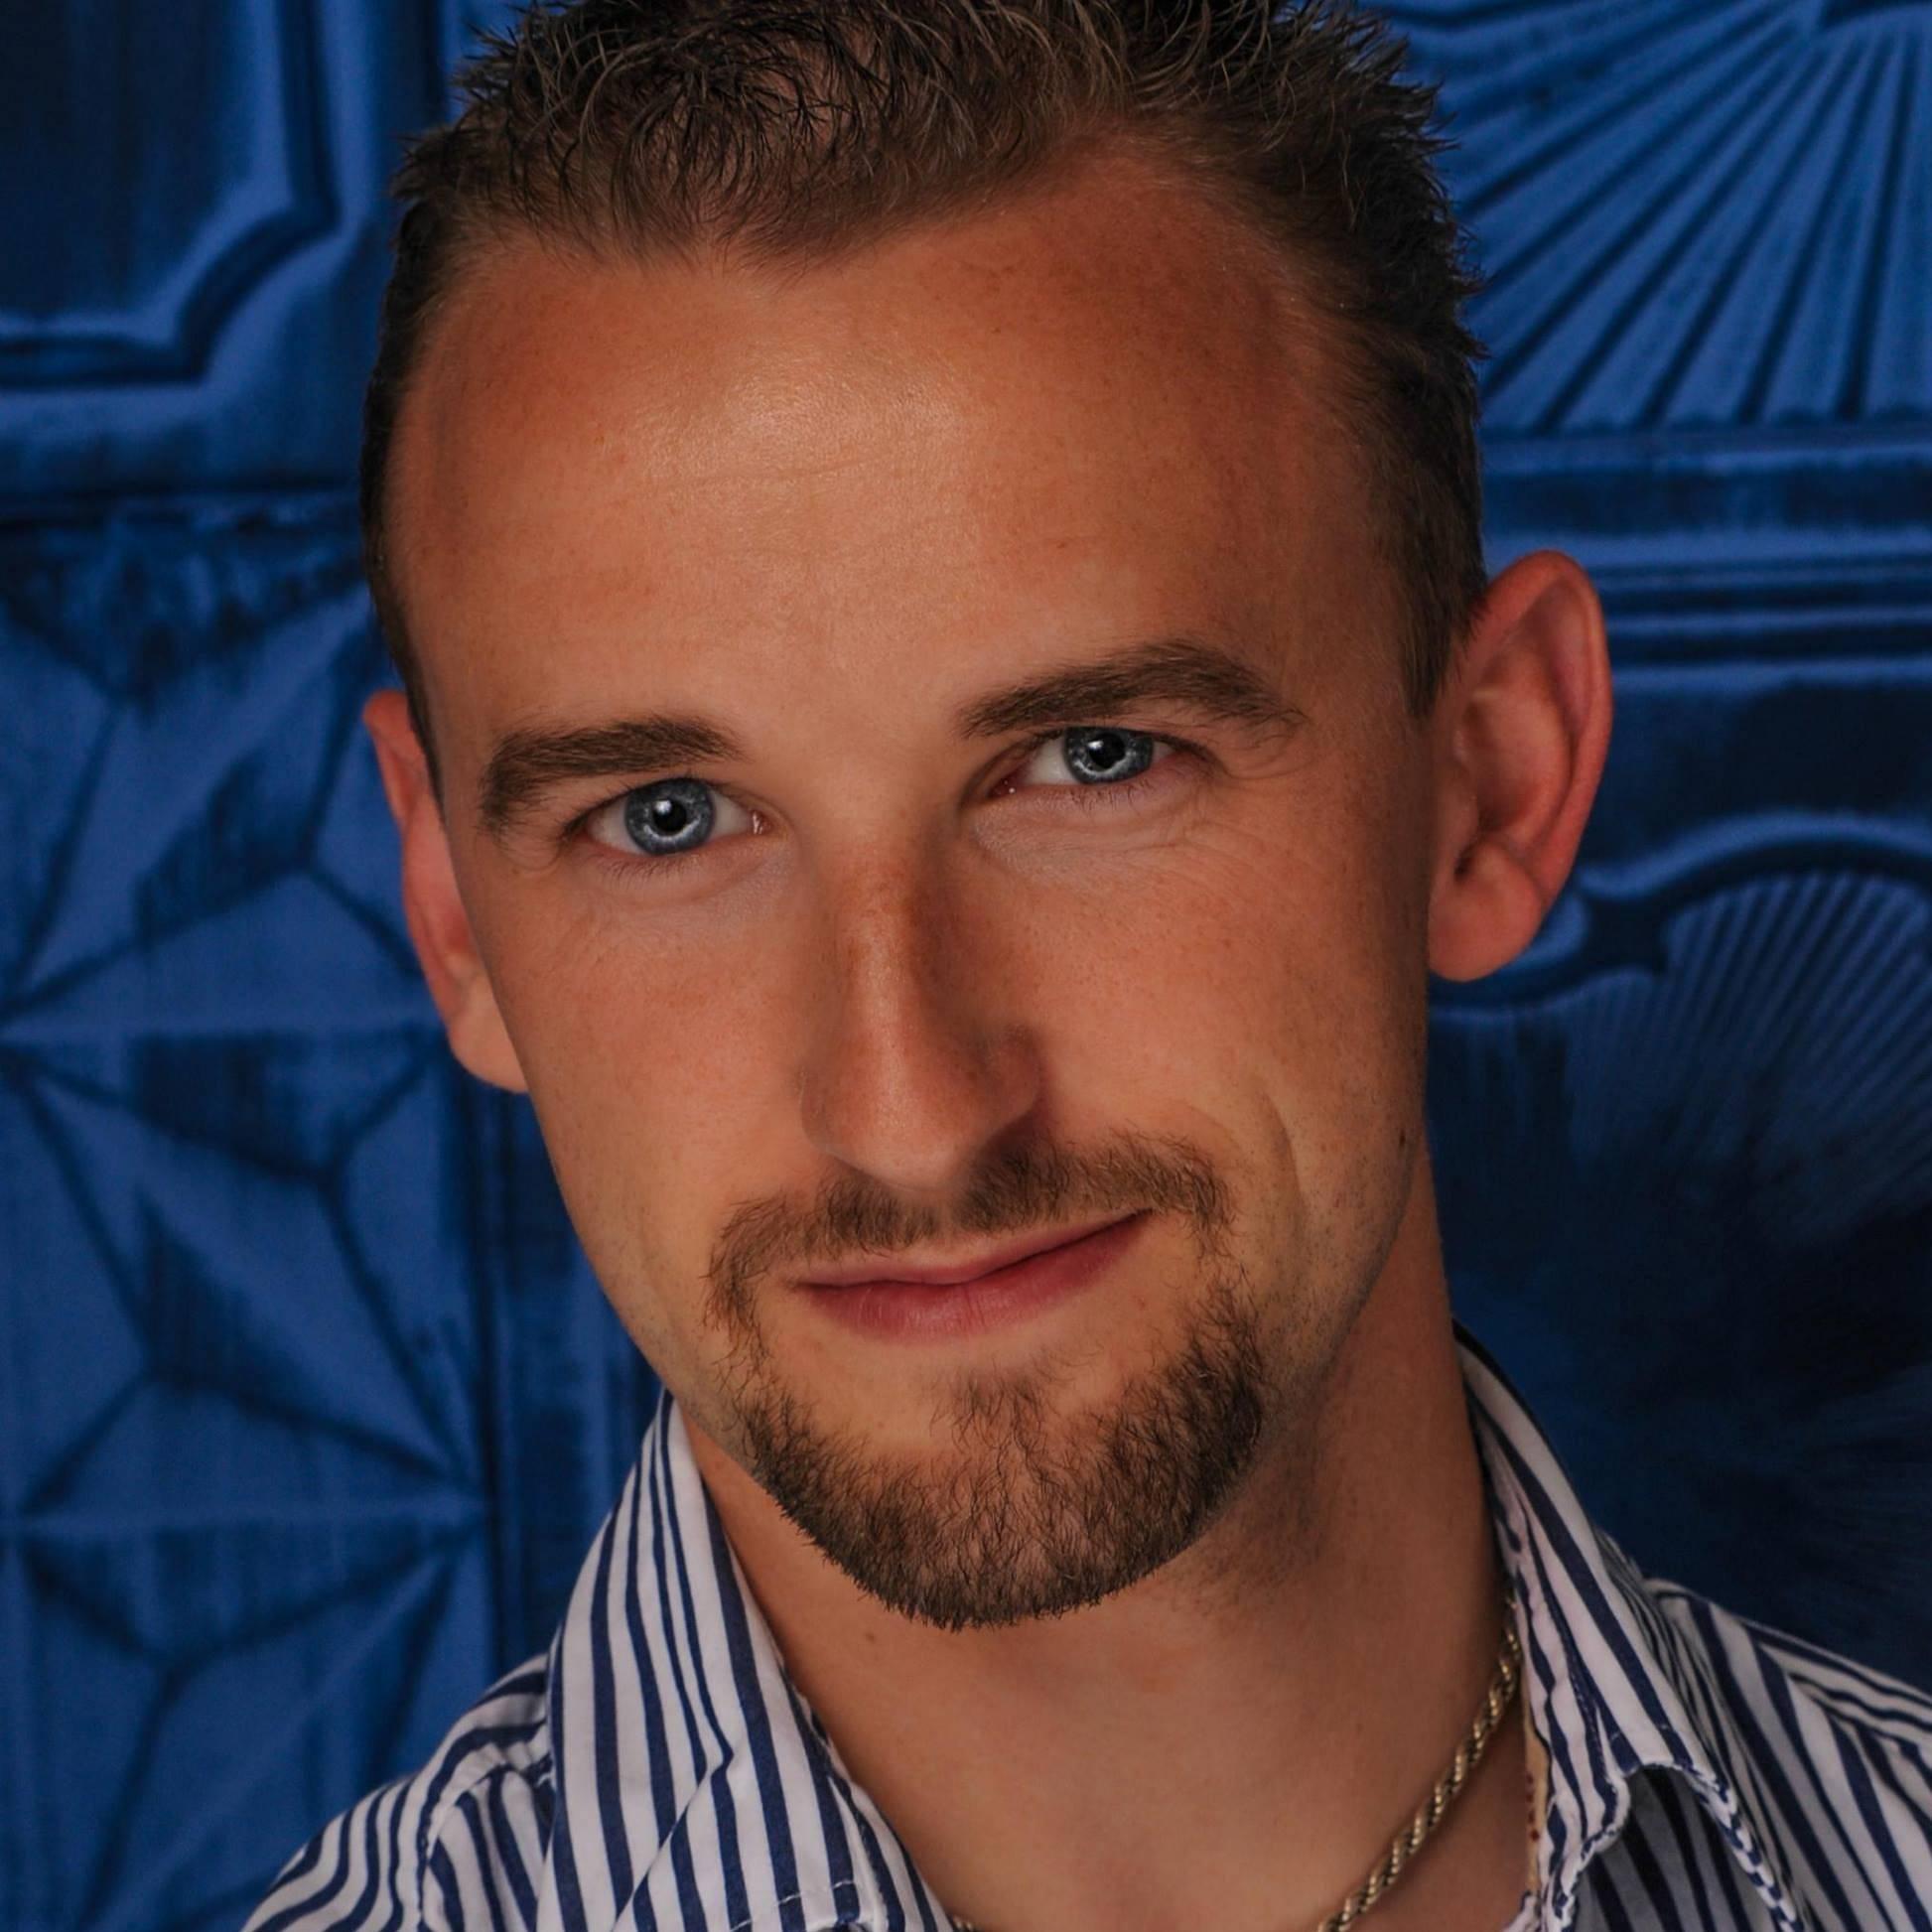 Clifton Haley